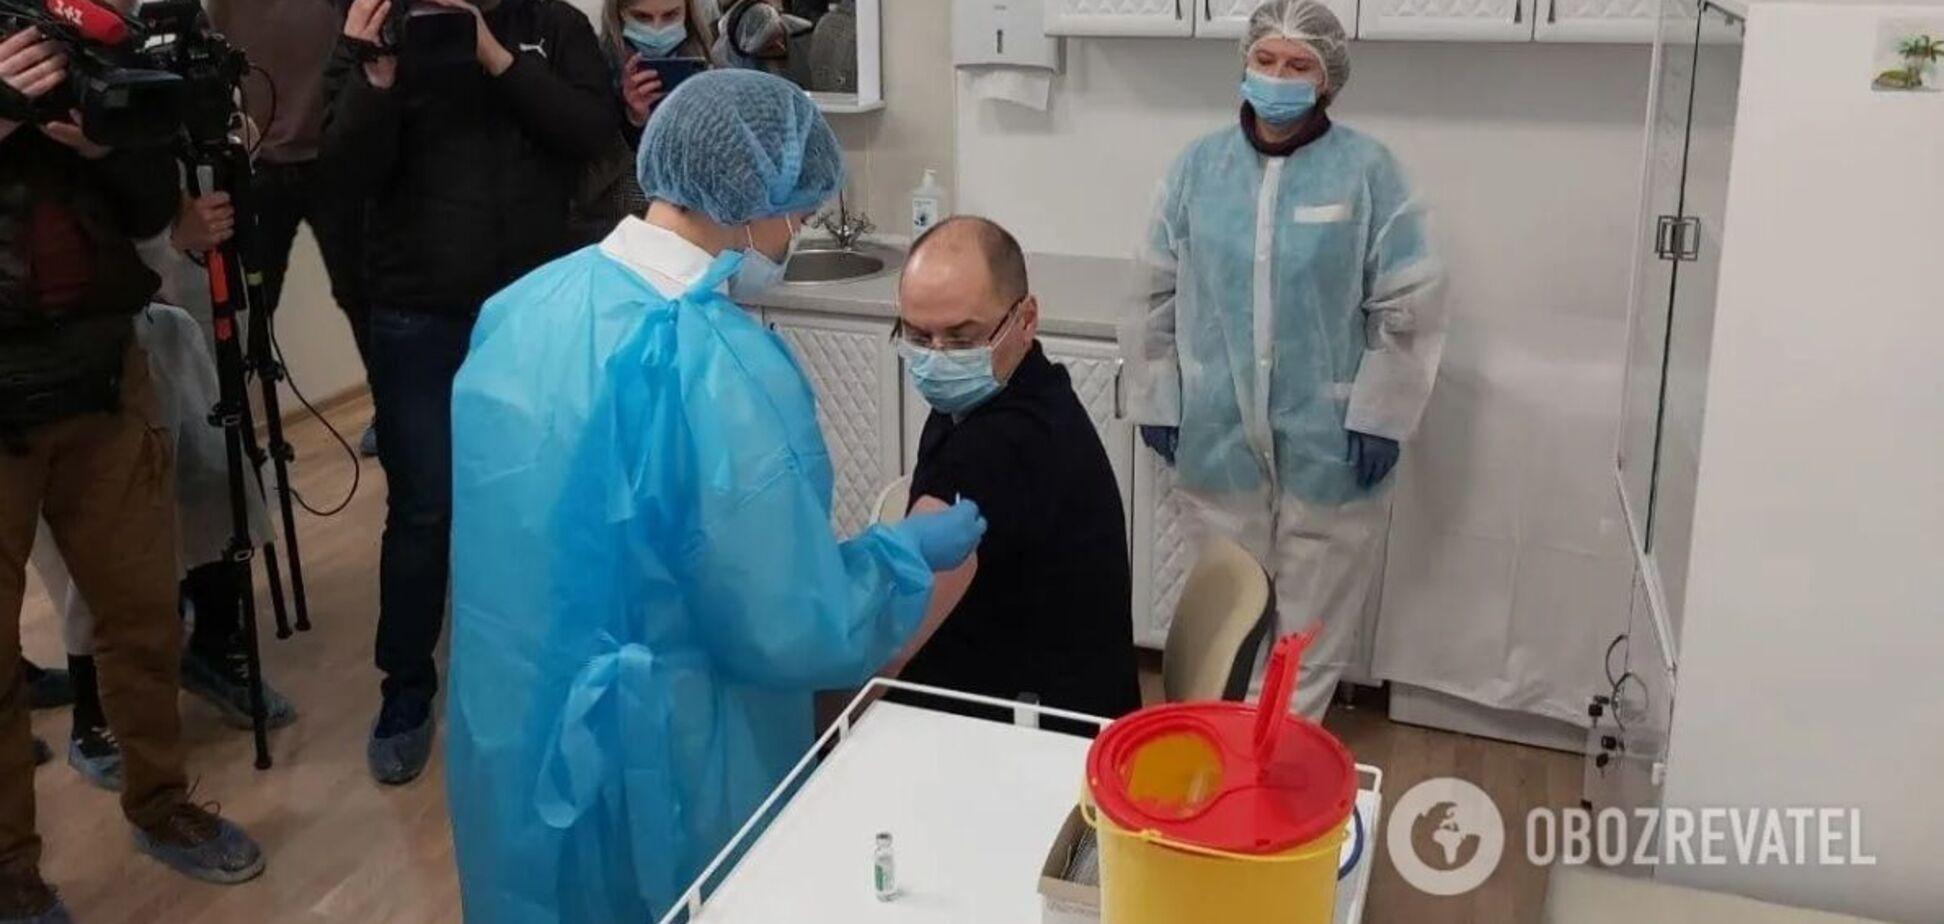 Эпидемиолог оценила публичную вакцинацию Степанова